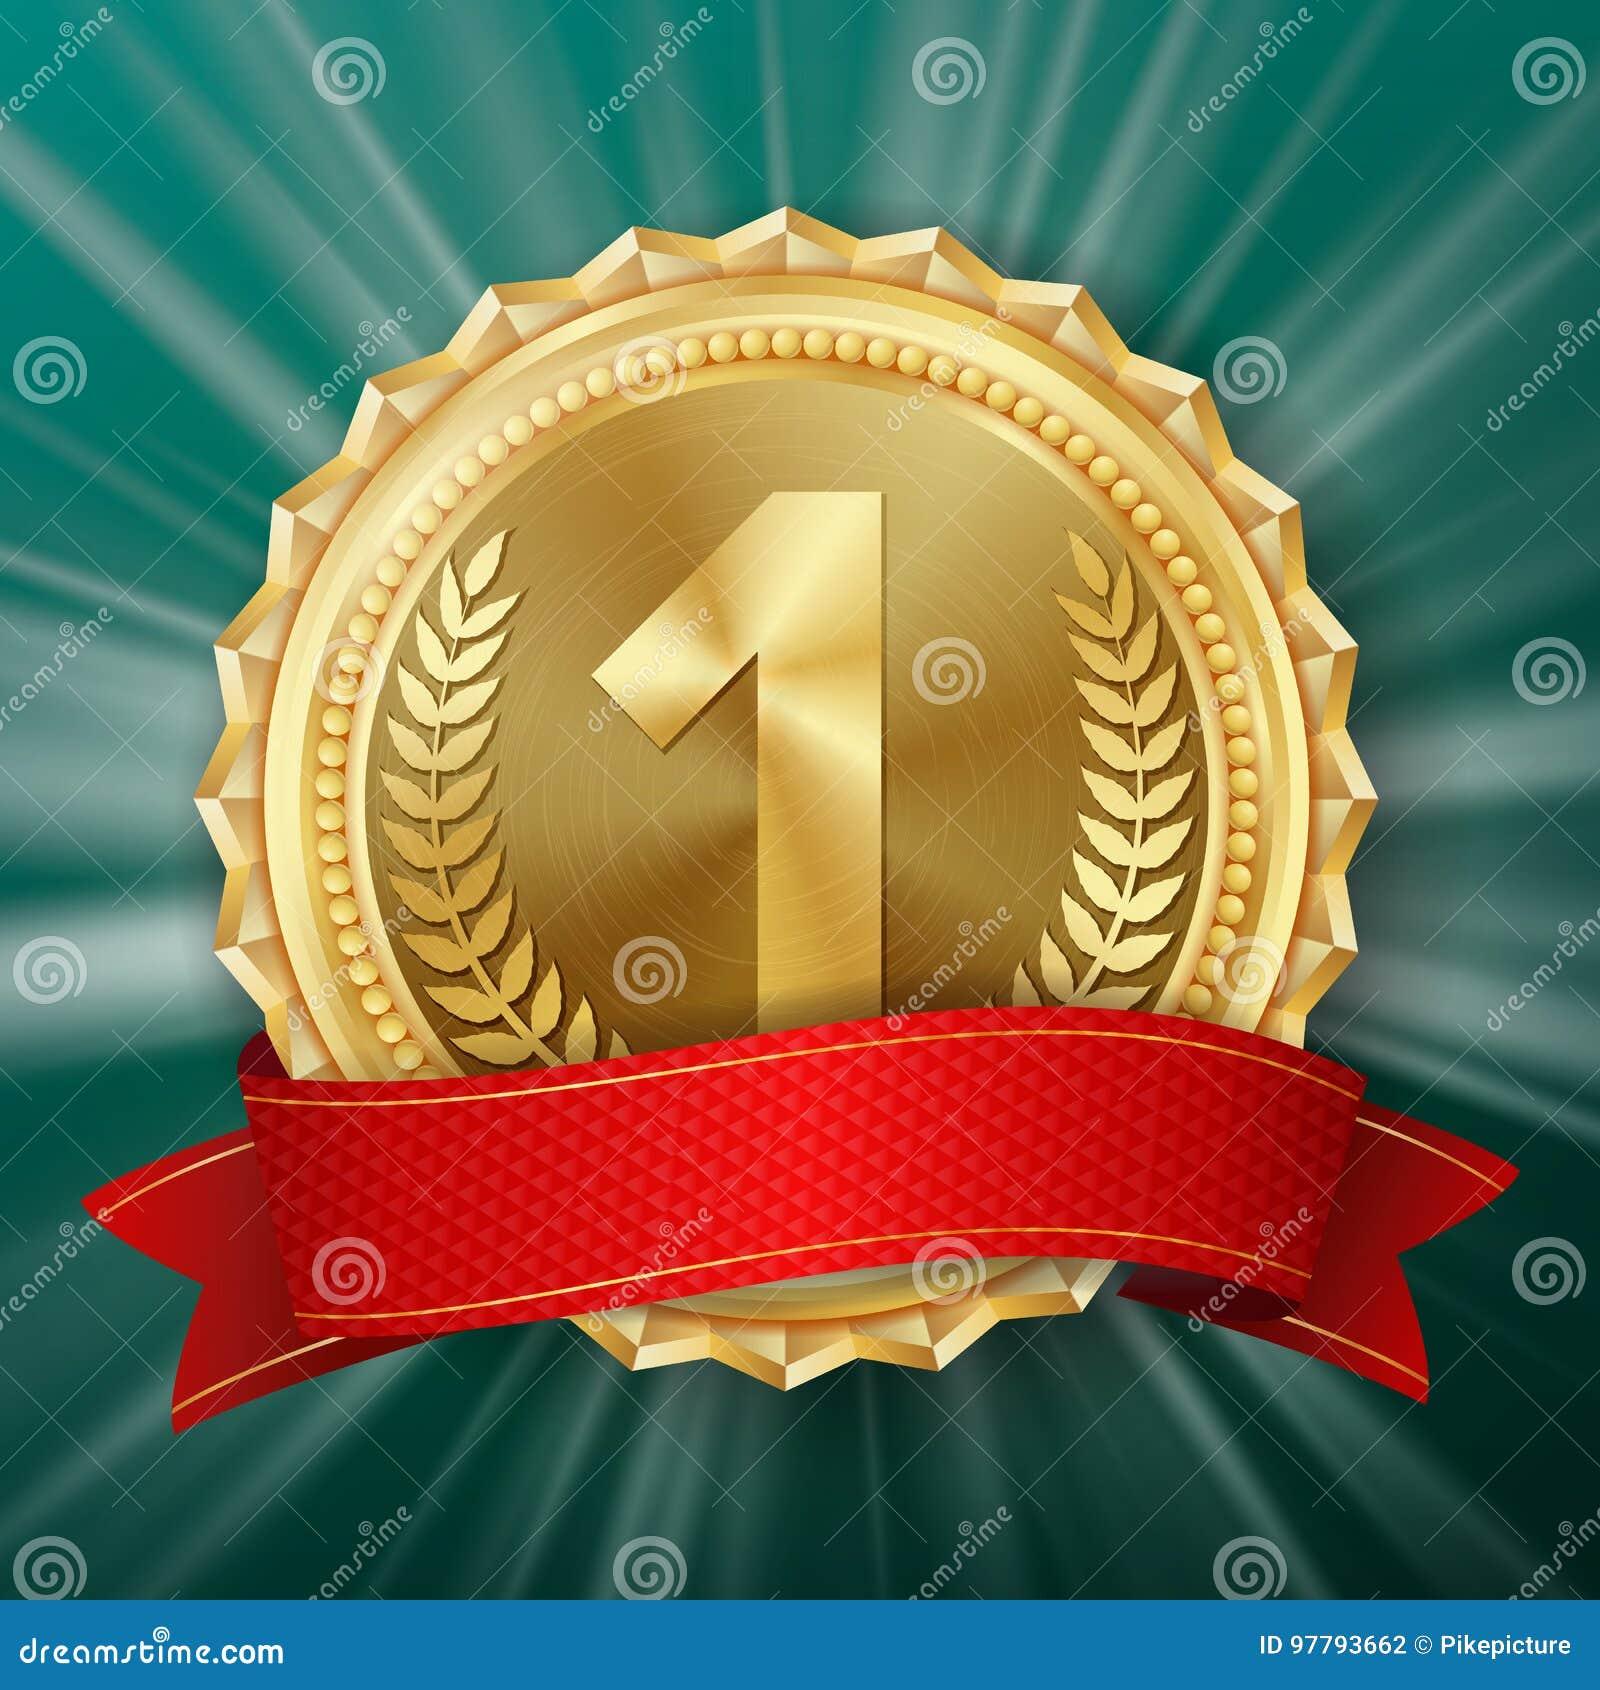 Złotego Medalu wektor Złota 1st miejsce odznaka Kruszcowa zwycięzca nagroda czerwone wstążki Gałązka Oliwna realistyczna ballons